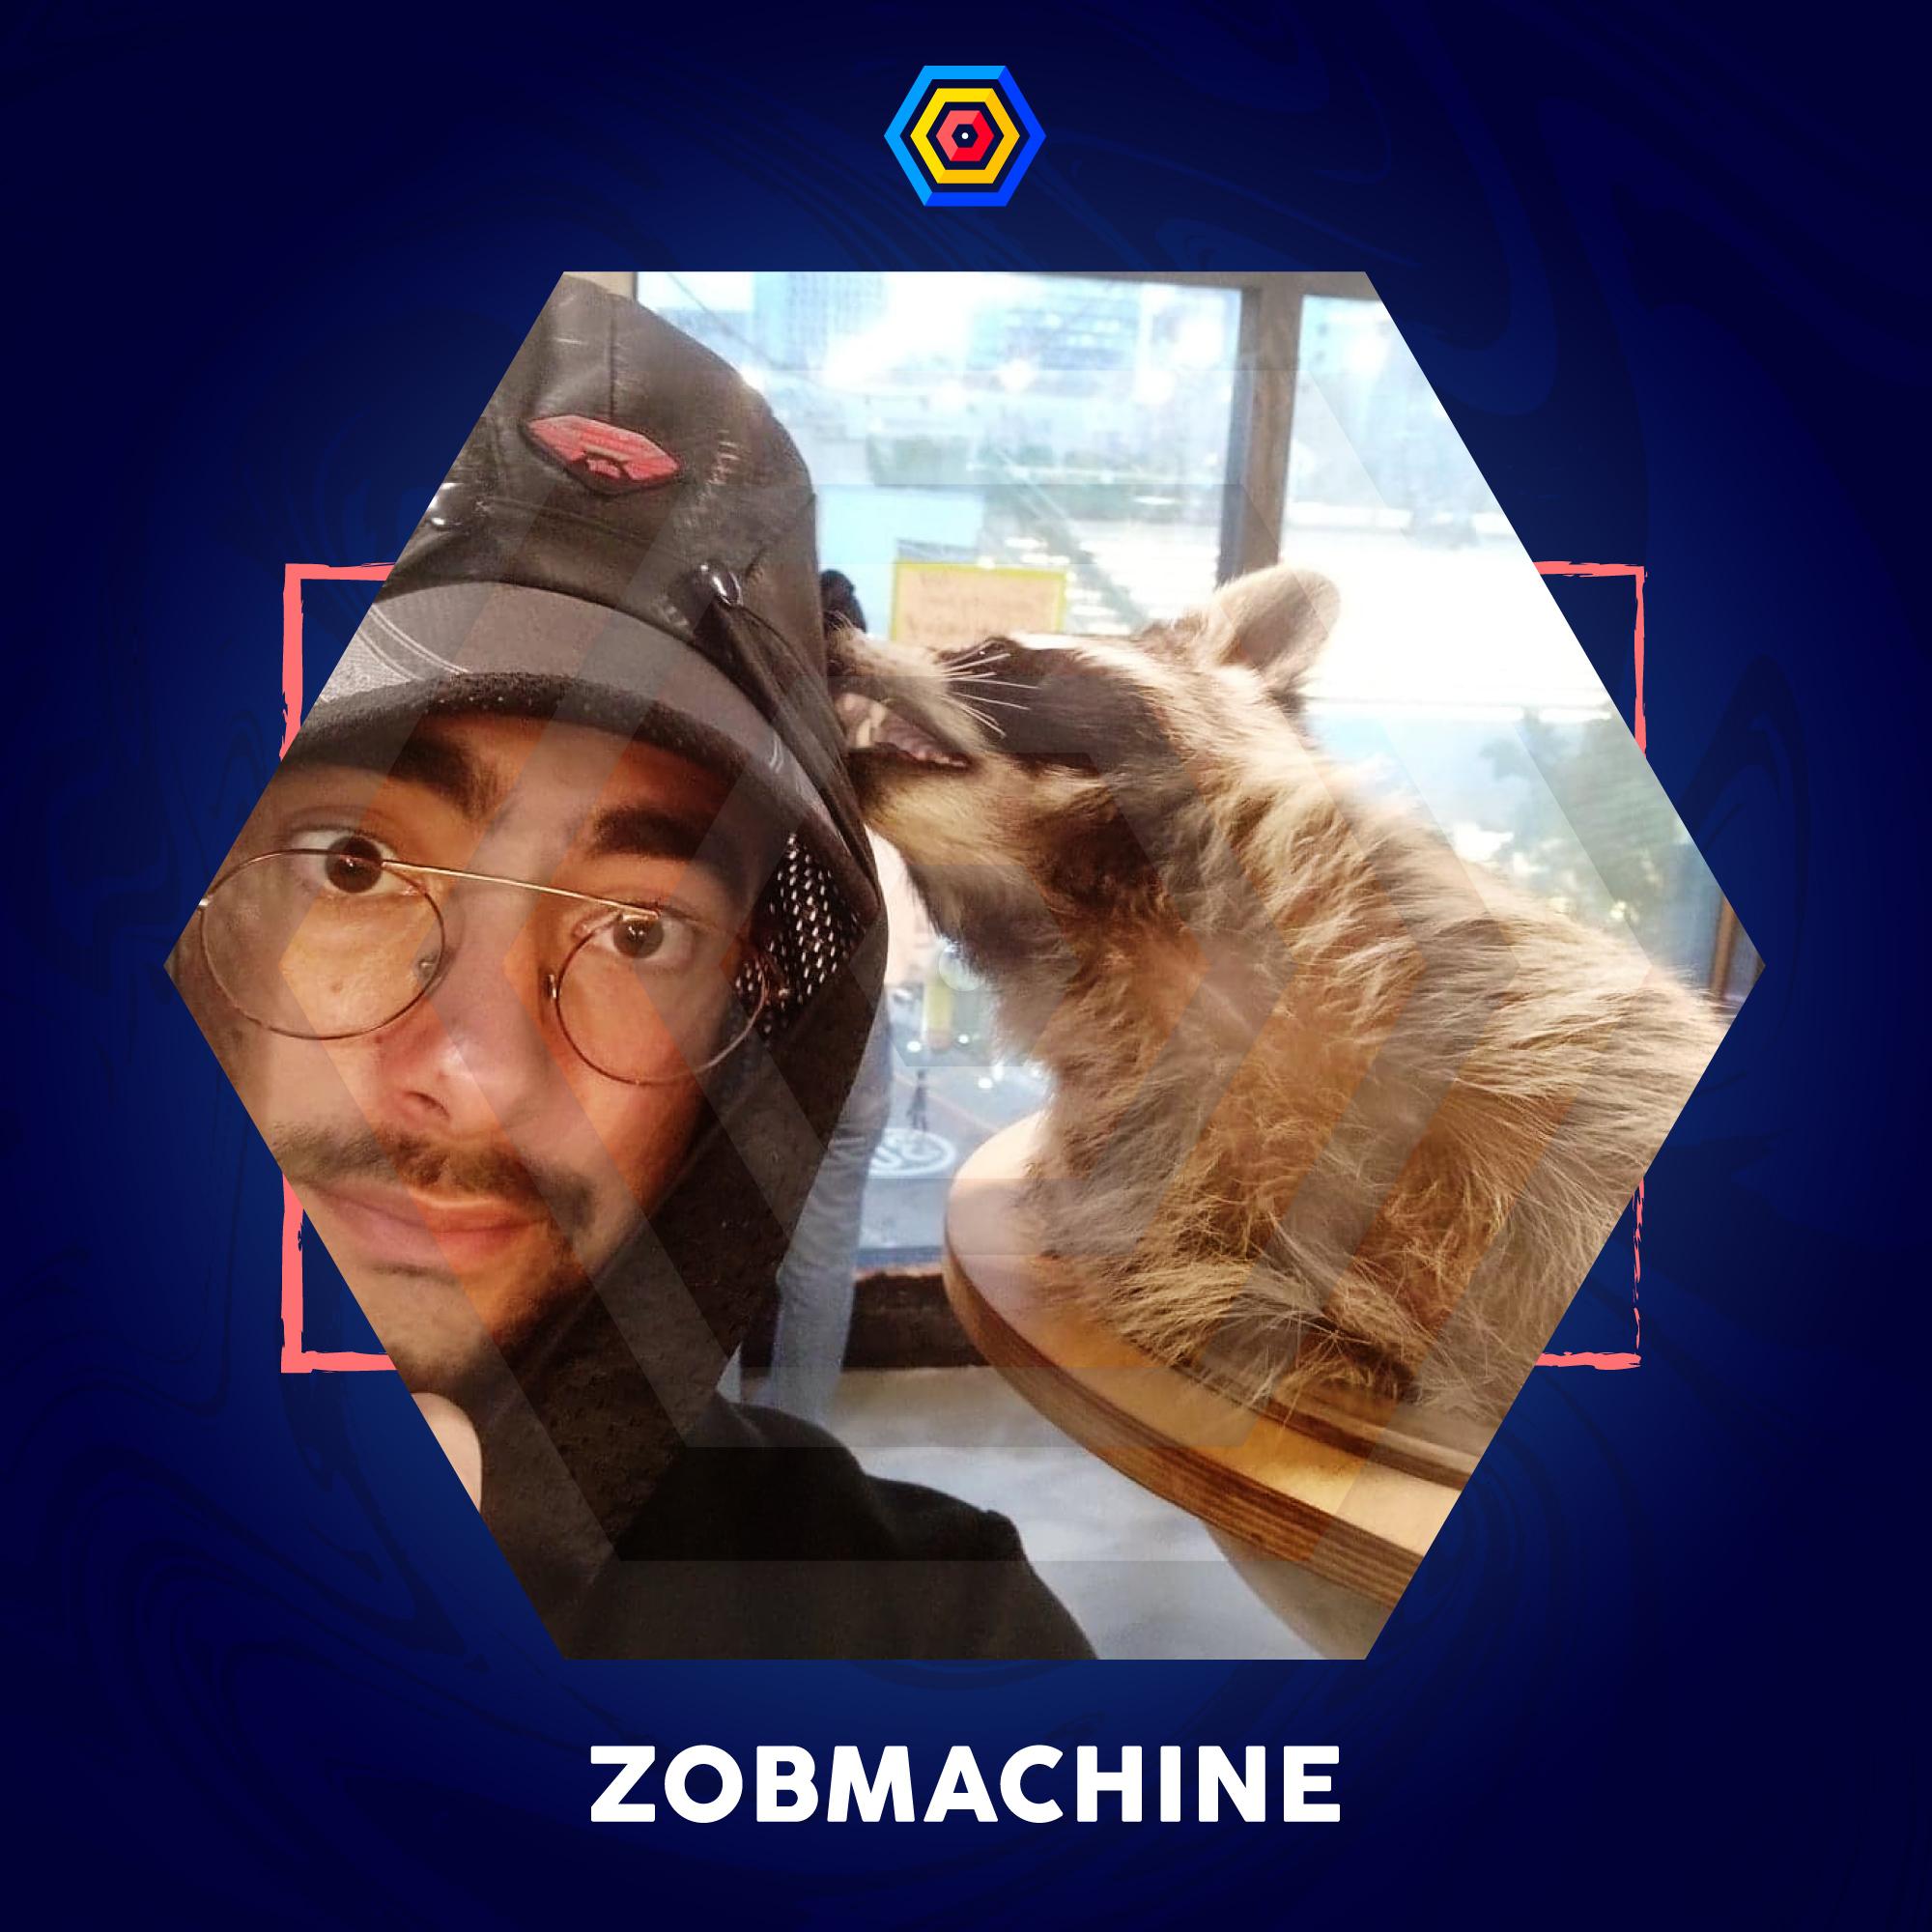 ZOBMACHINE